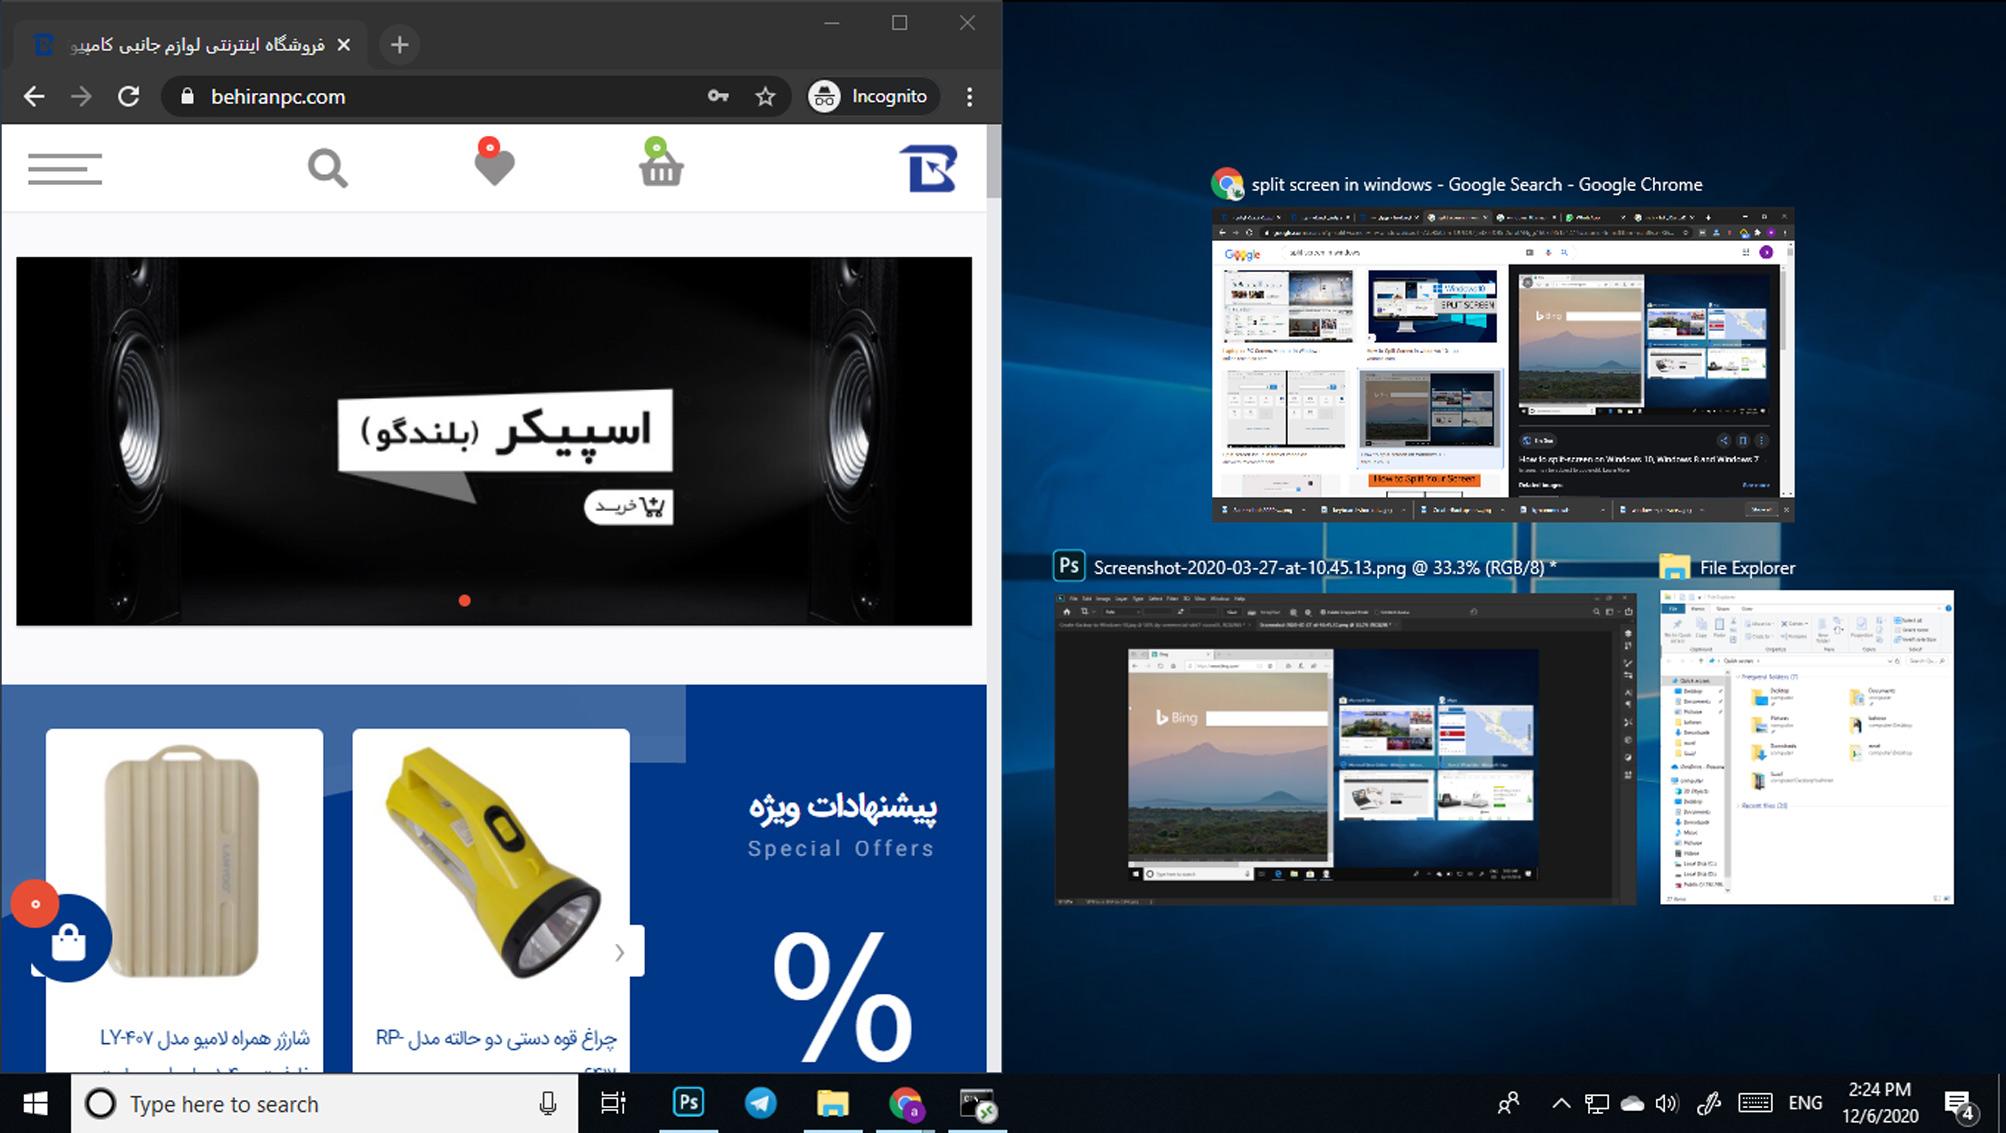 محافظ صفحه نمایش در ویندوز 10